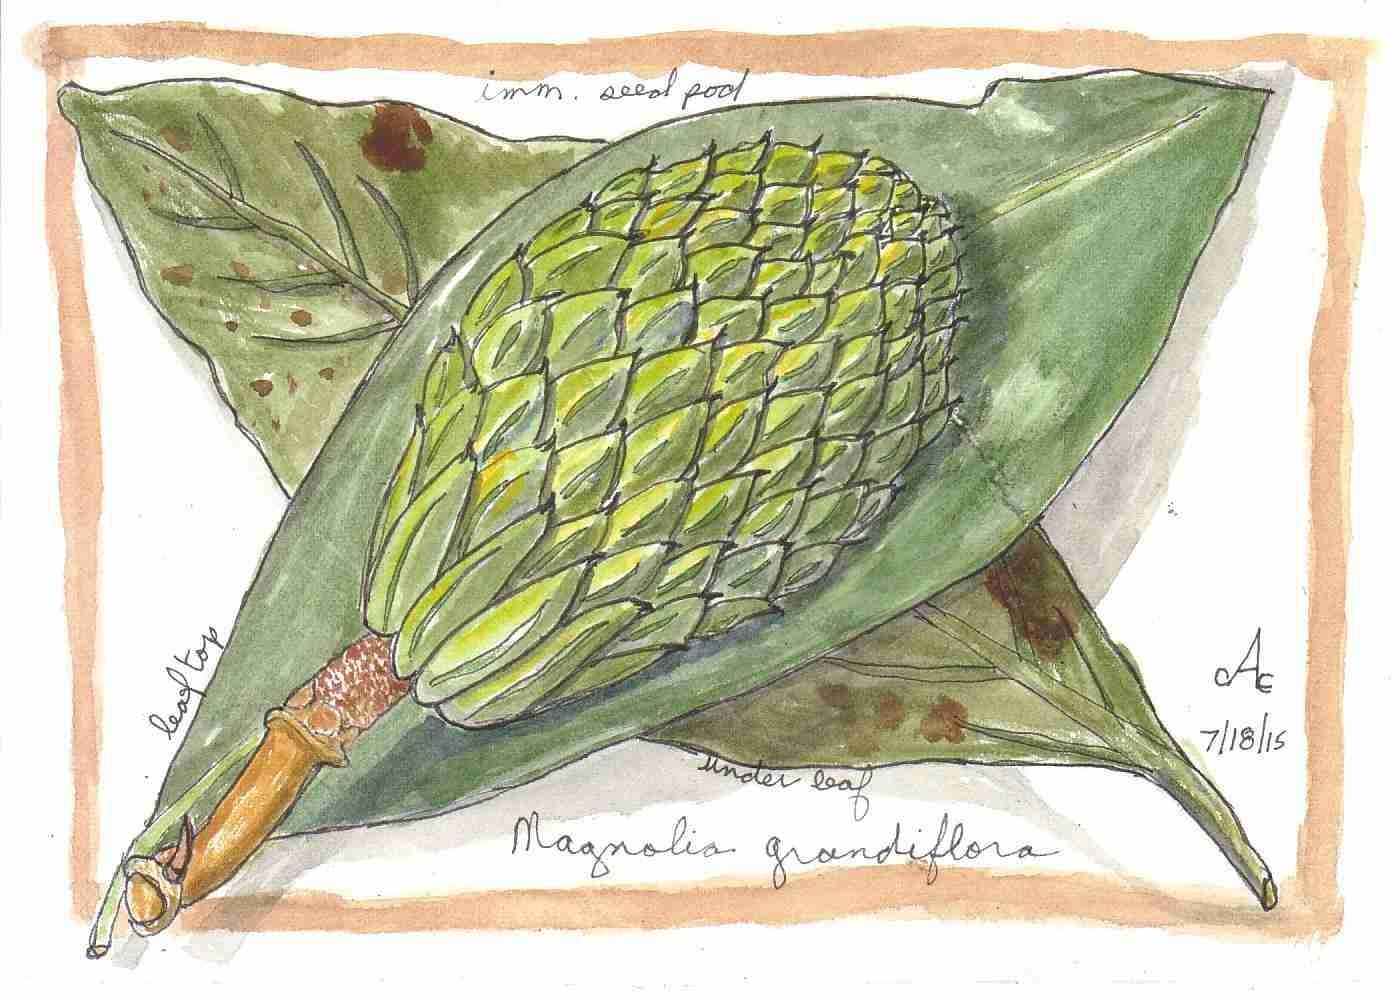 Gw3m0vhcquqjgerq3dno magnolia2.q20:ctrue:rexif